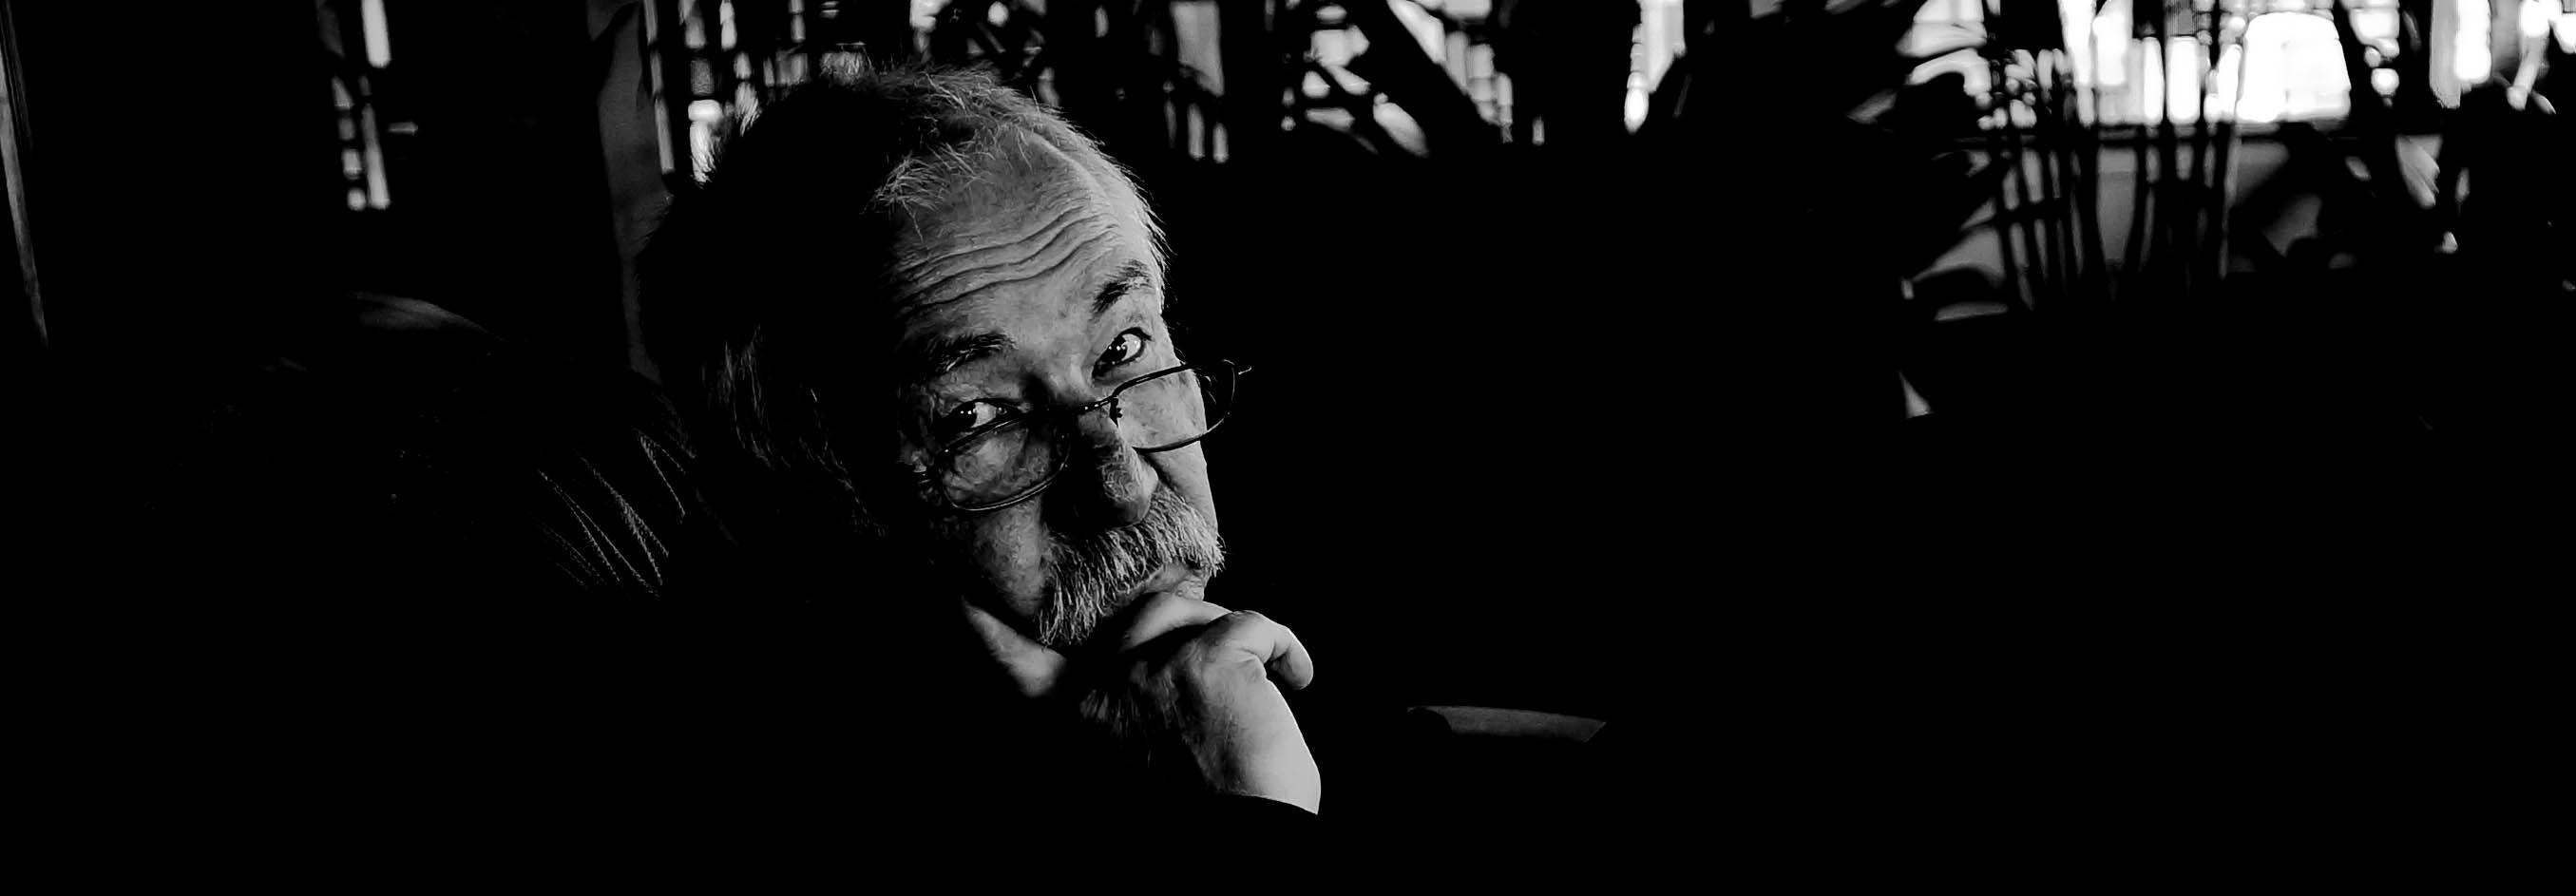 Henryk Szydlowski B&W photo